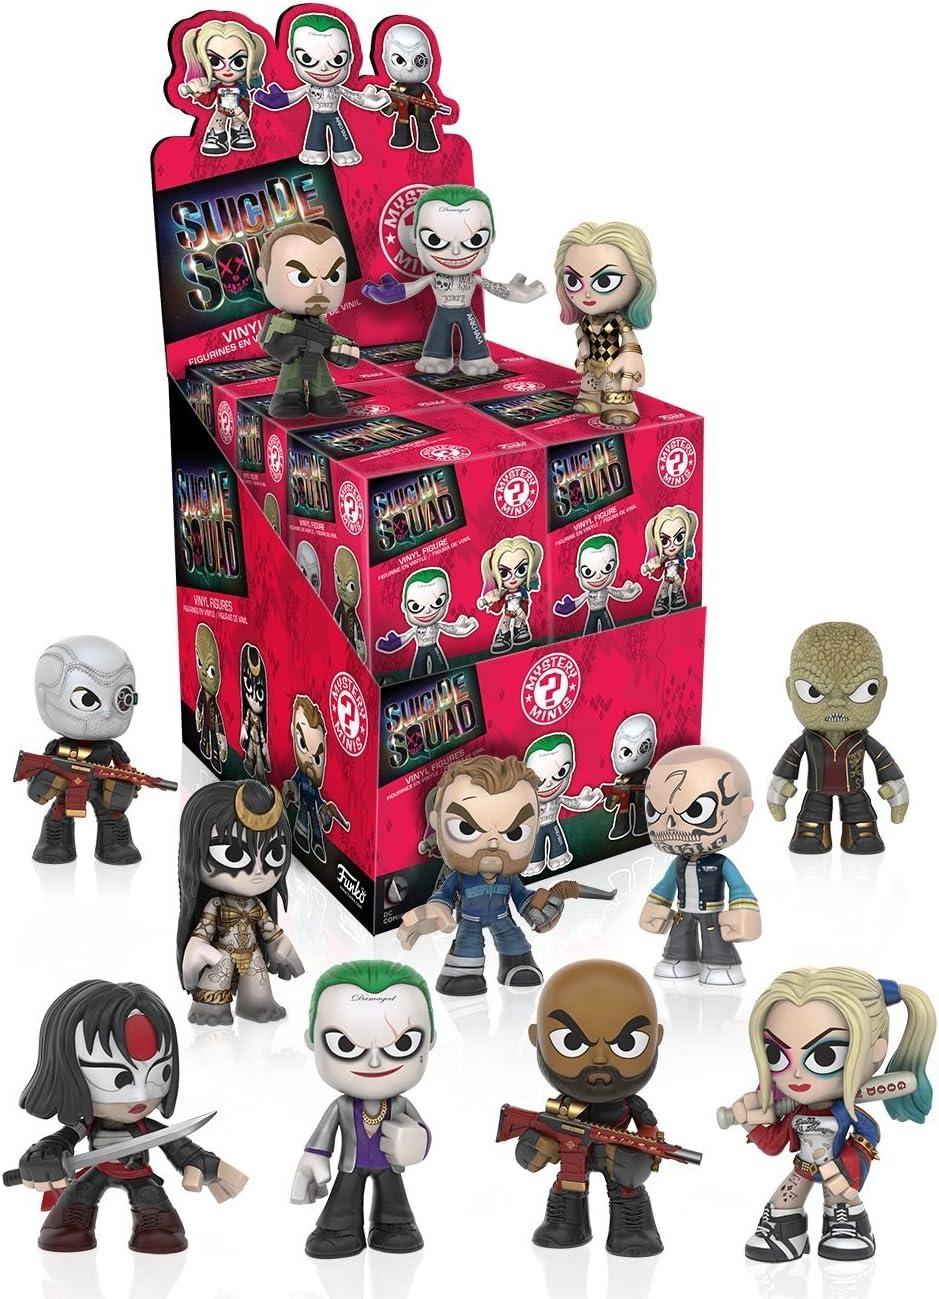 Funko - Figurine DC Heroes Suicide Squad Mystery Minis - 1 boîte au hasard / one Random box - 0849803091149: Amazon.es: Juguetes y juegos